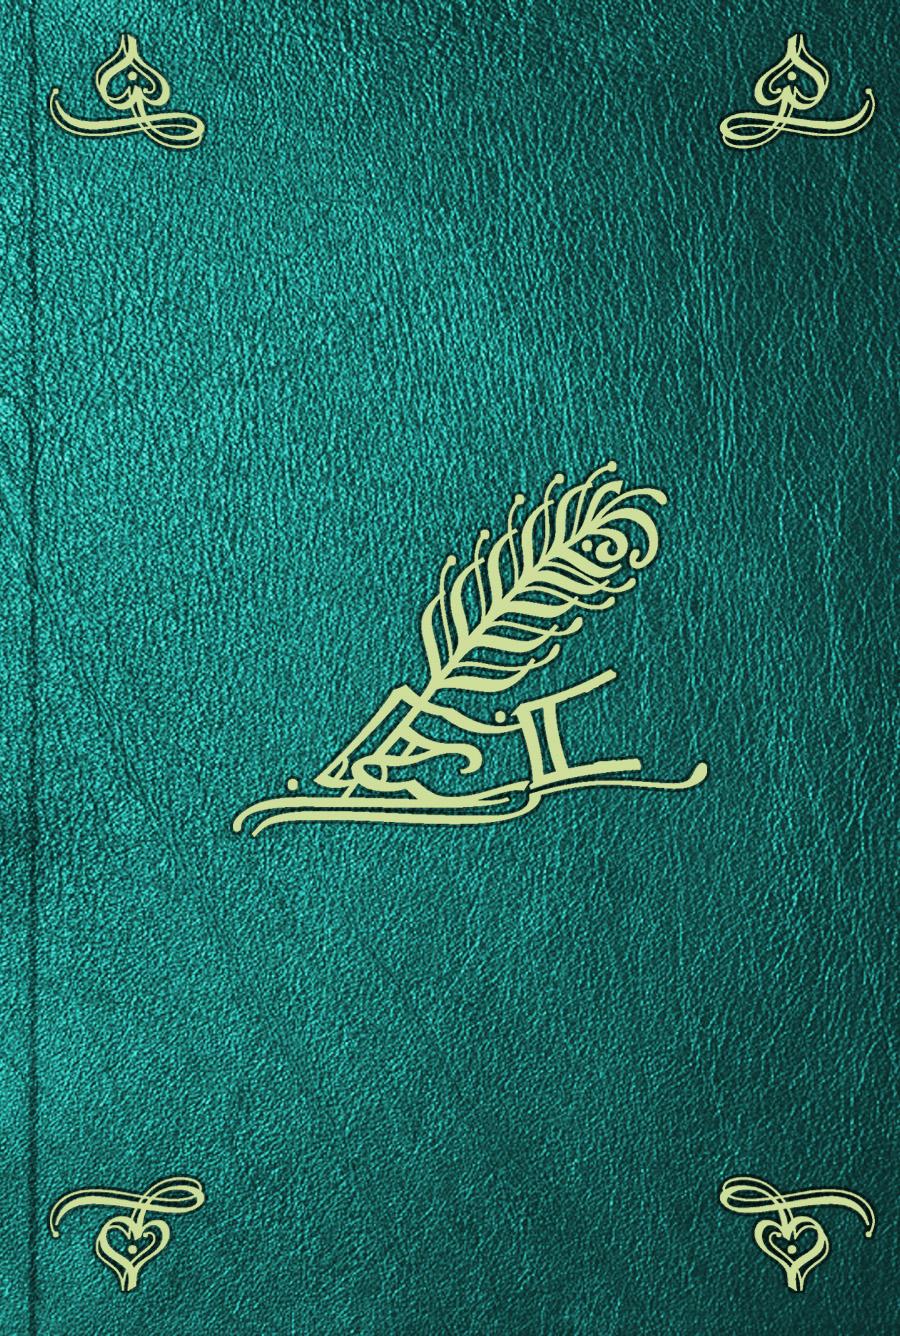 Comte de Buffon Georges Louis Leclerc Histoire naturelle. T. 18. Oiseaux comte de buffon georges louis leclerc histoire naturelle t 8 oiseaux